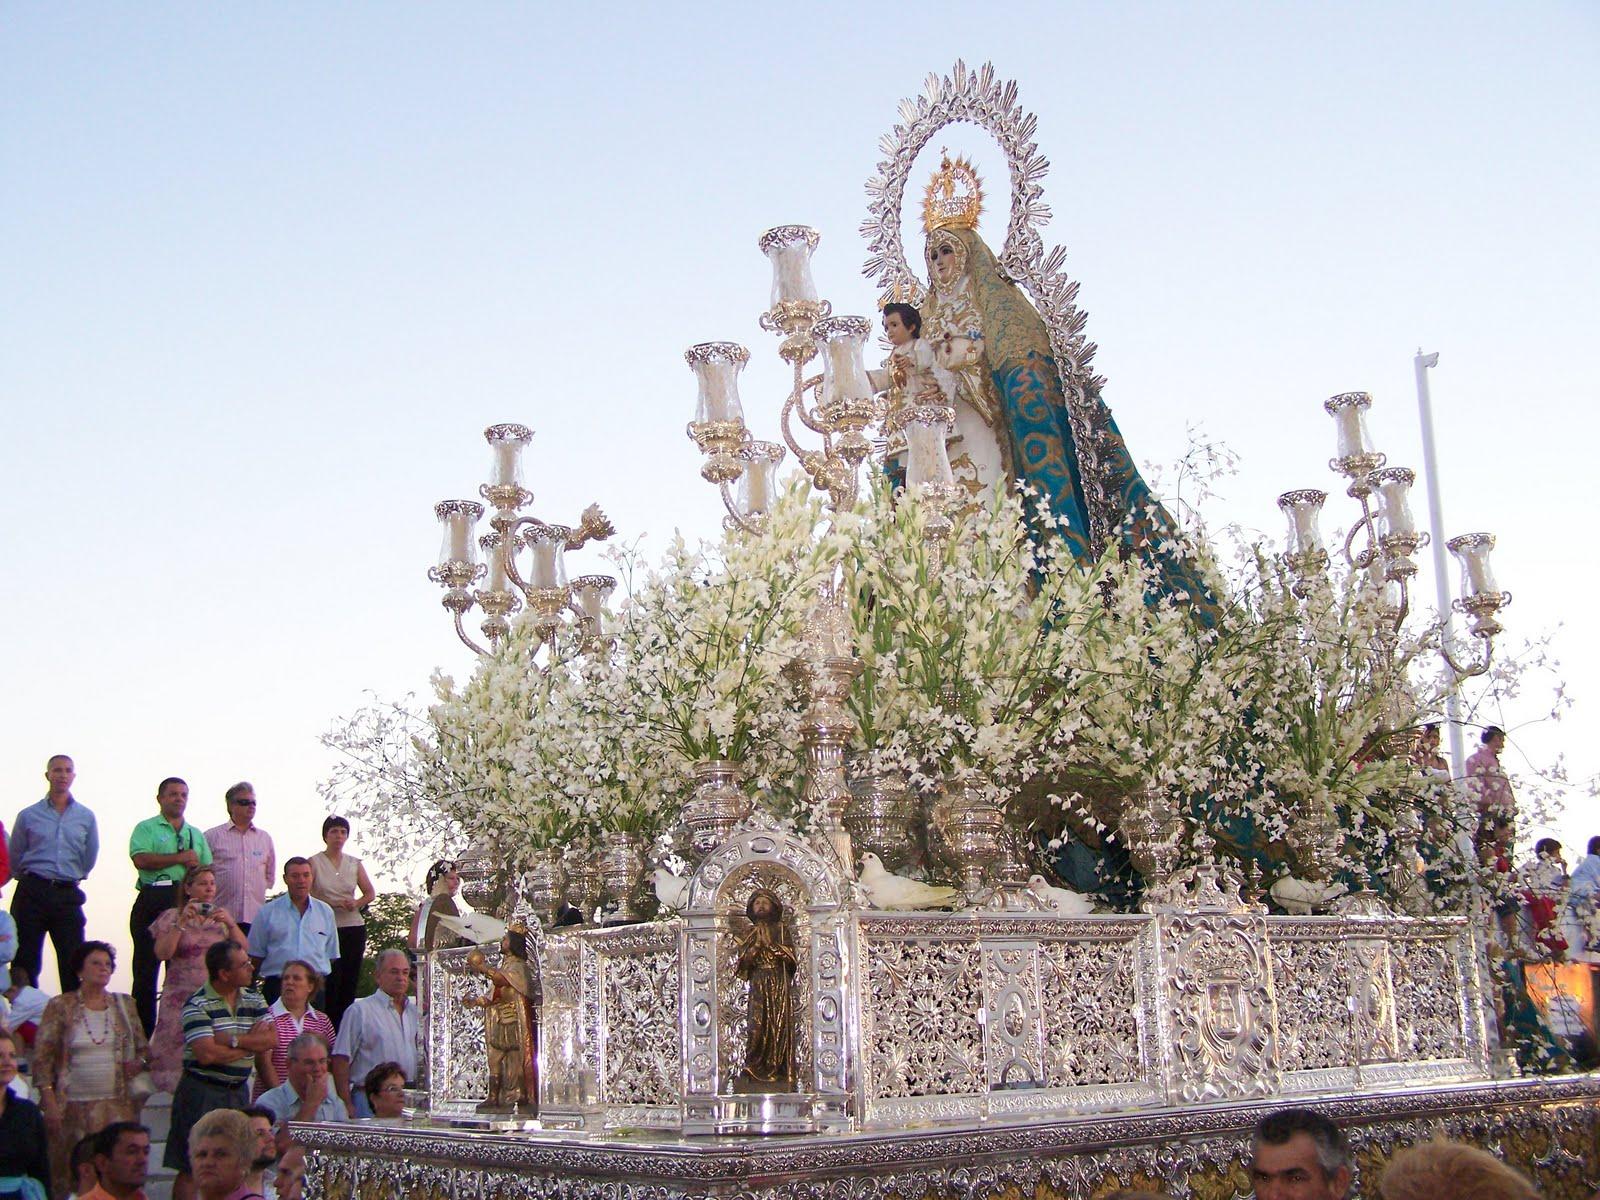 Redescubierta luego de los Musulmanes: Santa María del Águila, España (22 de julio y 15 de agosto)